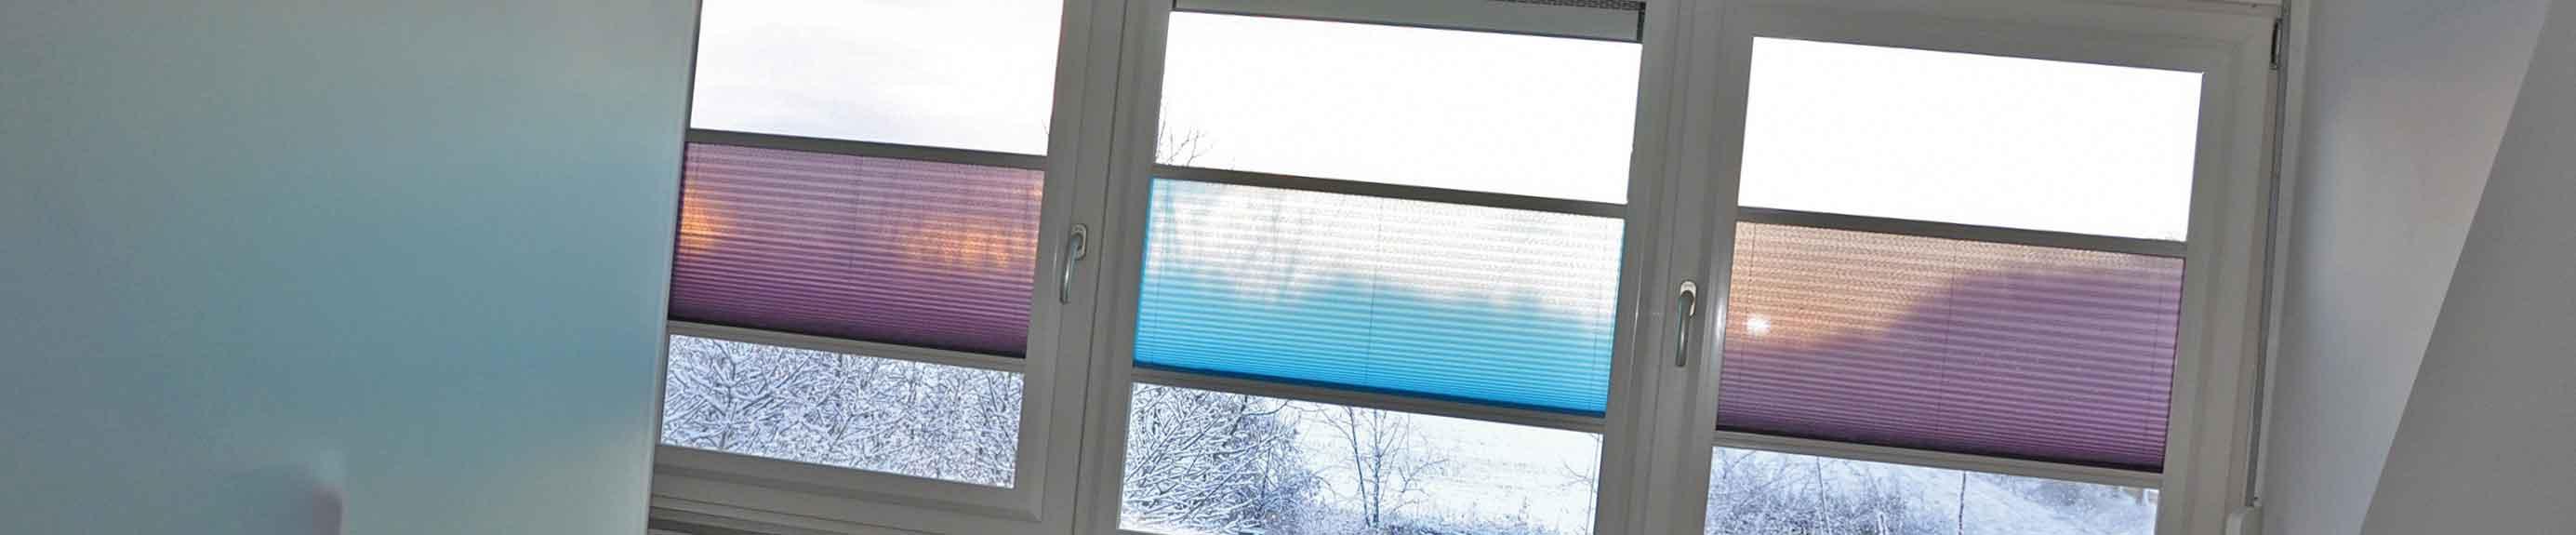 raamdecoratie_01